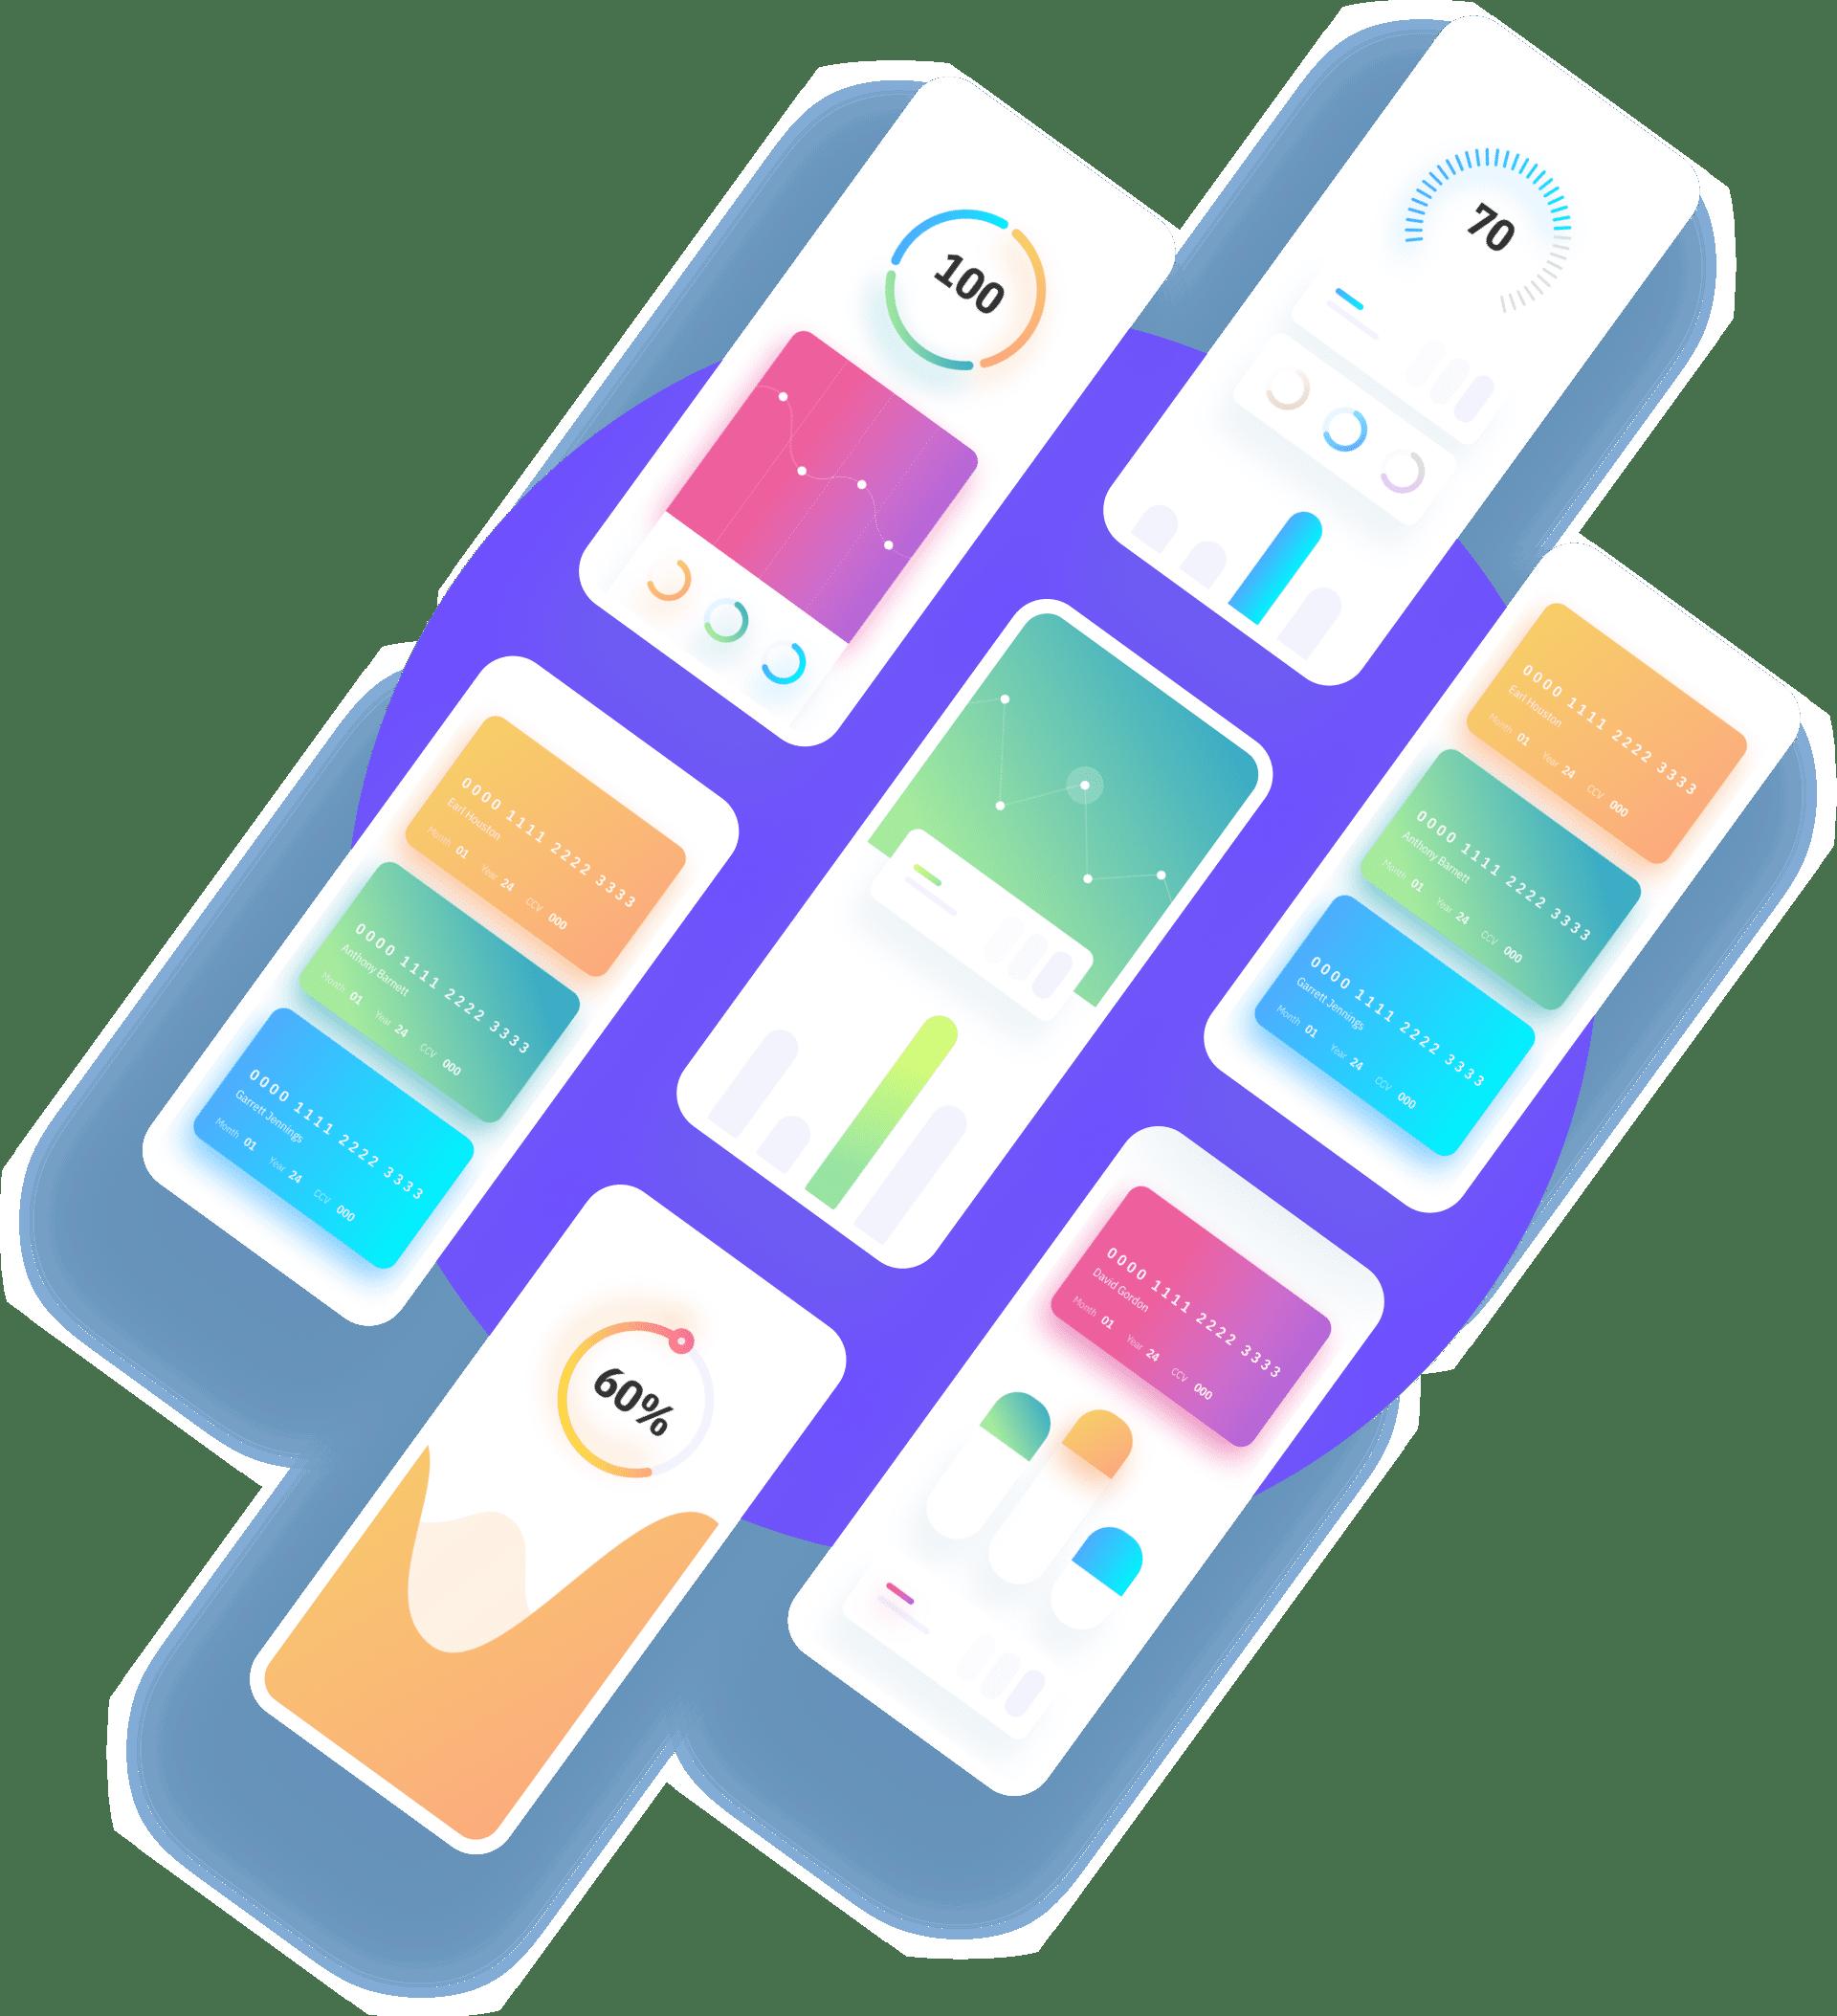 mobile-app_90